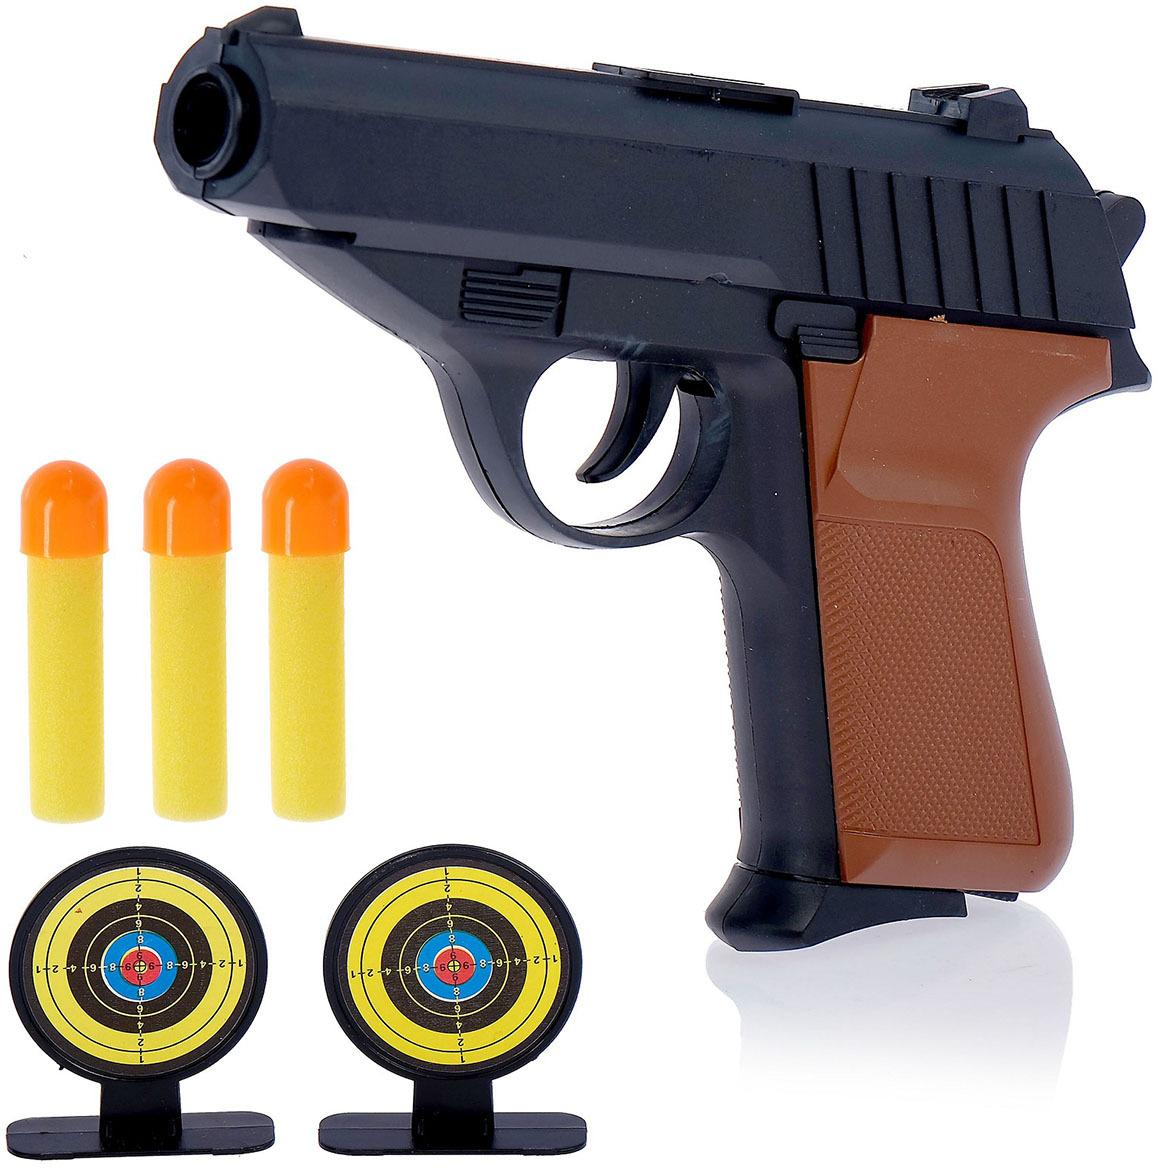 Игрушечное оружие Пистолет Макаров с мишенями, 119197 игрушечное оружие zuru x shot ружье с мишенями атака пауков